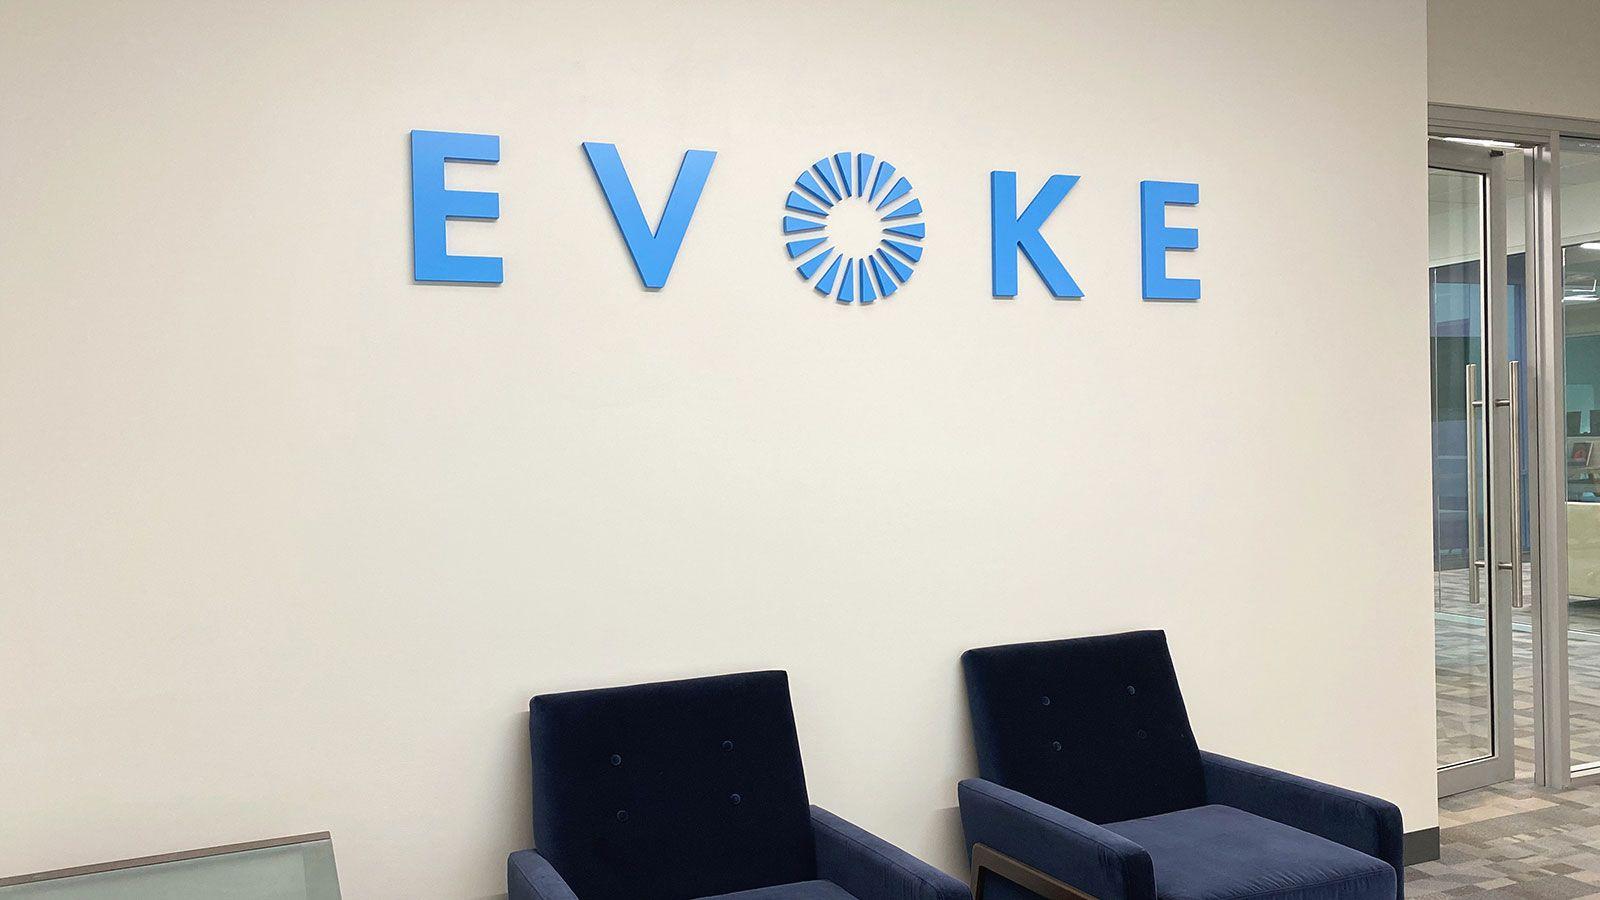 Evoke office 3D letters